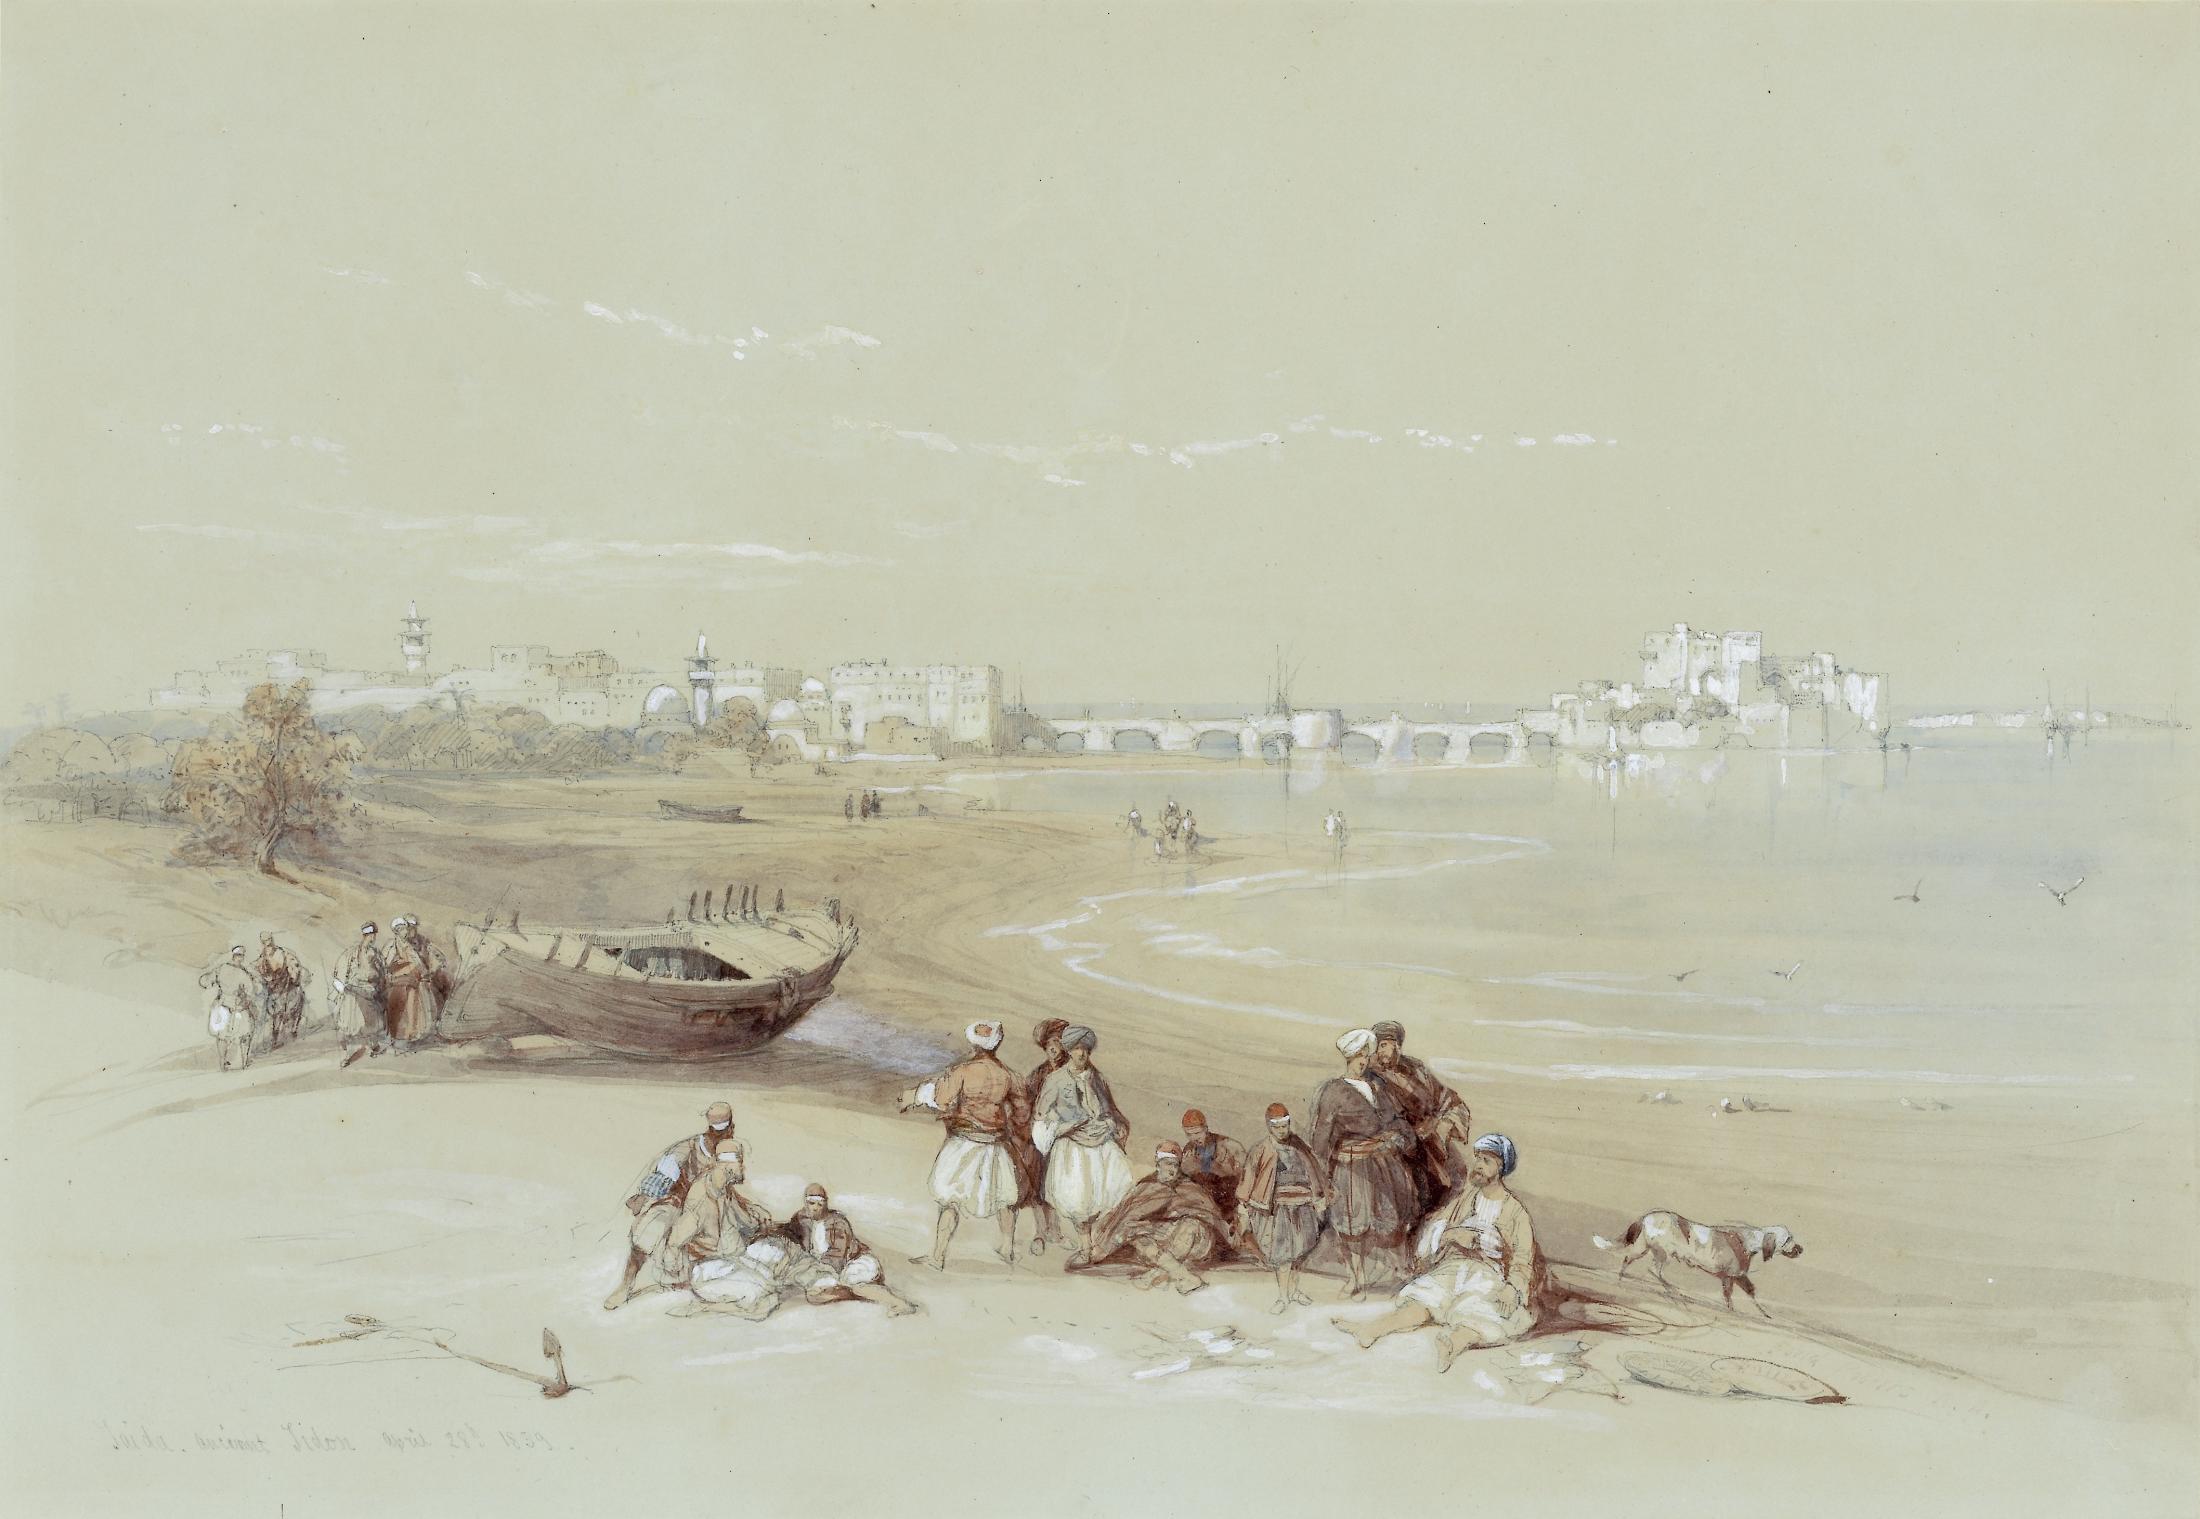 Saida, Ancient Sidon